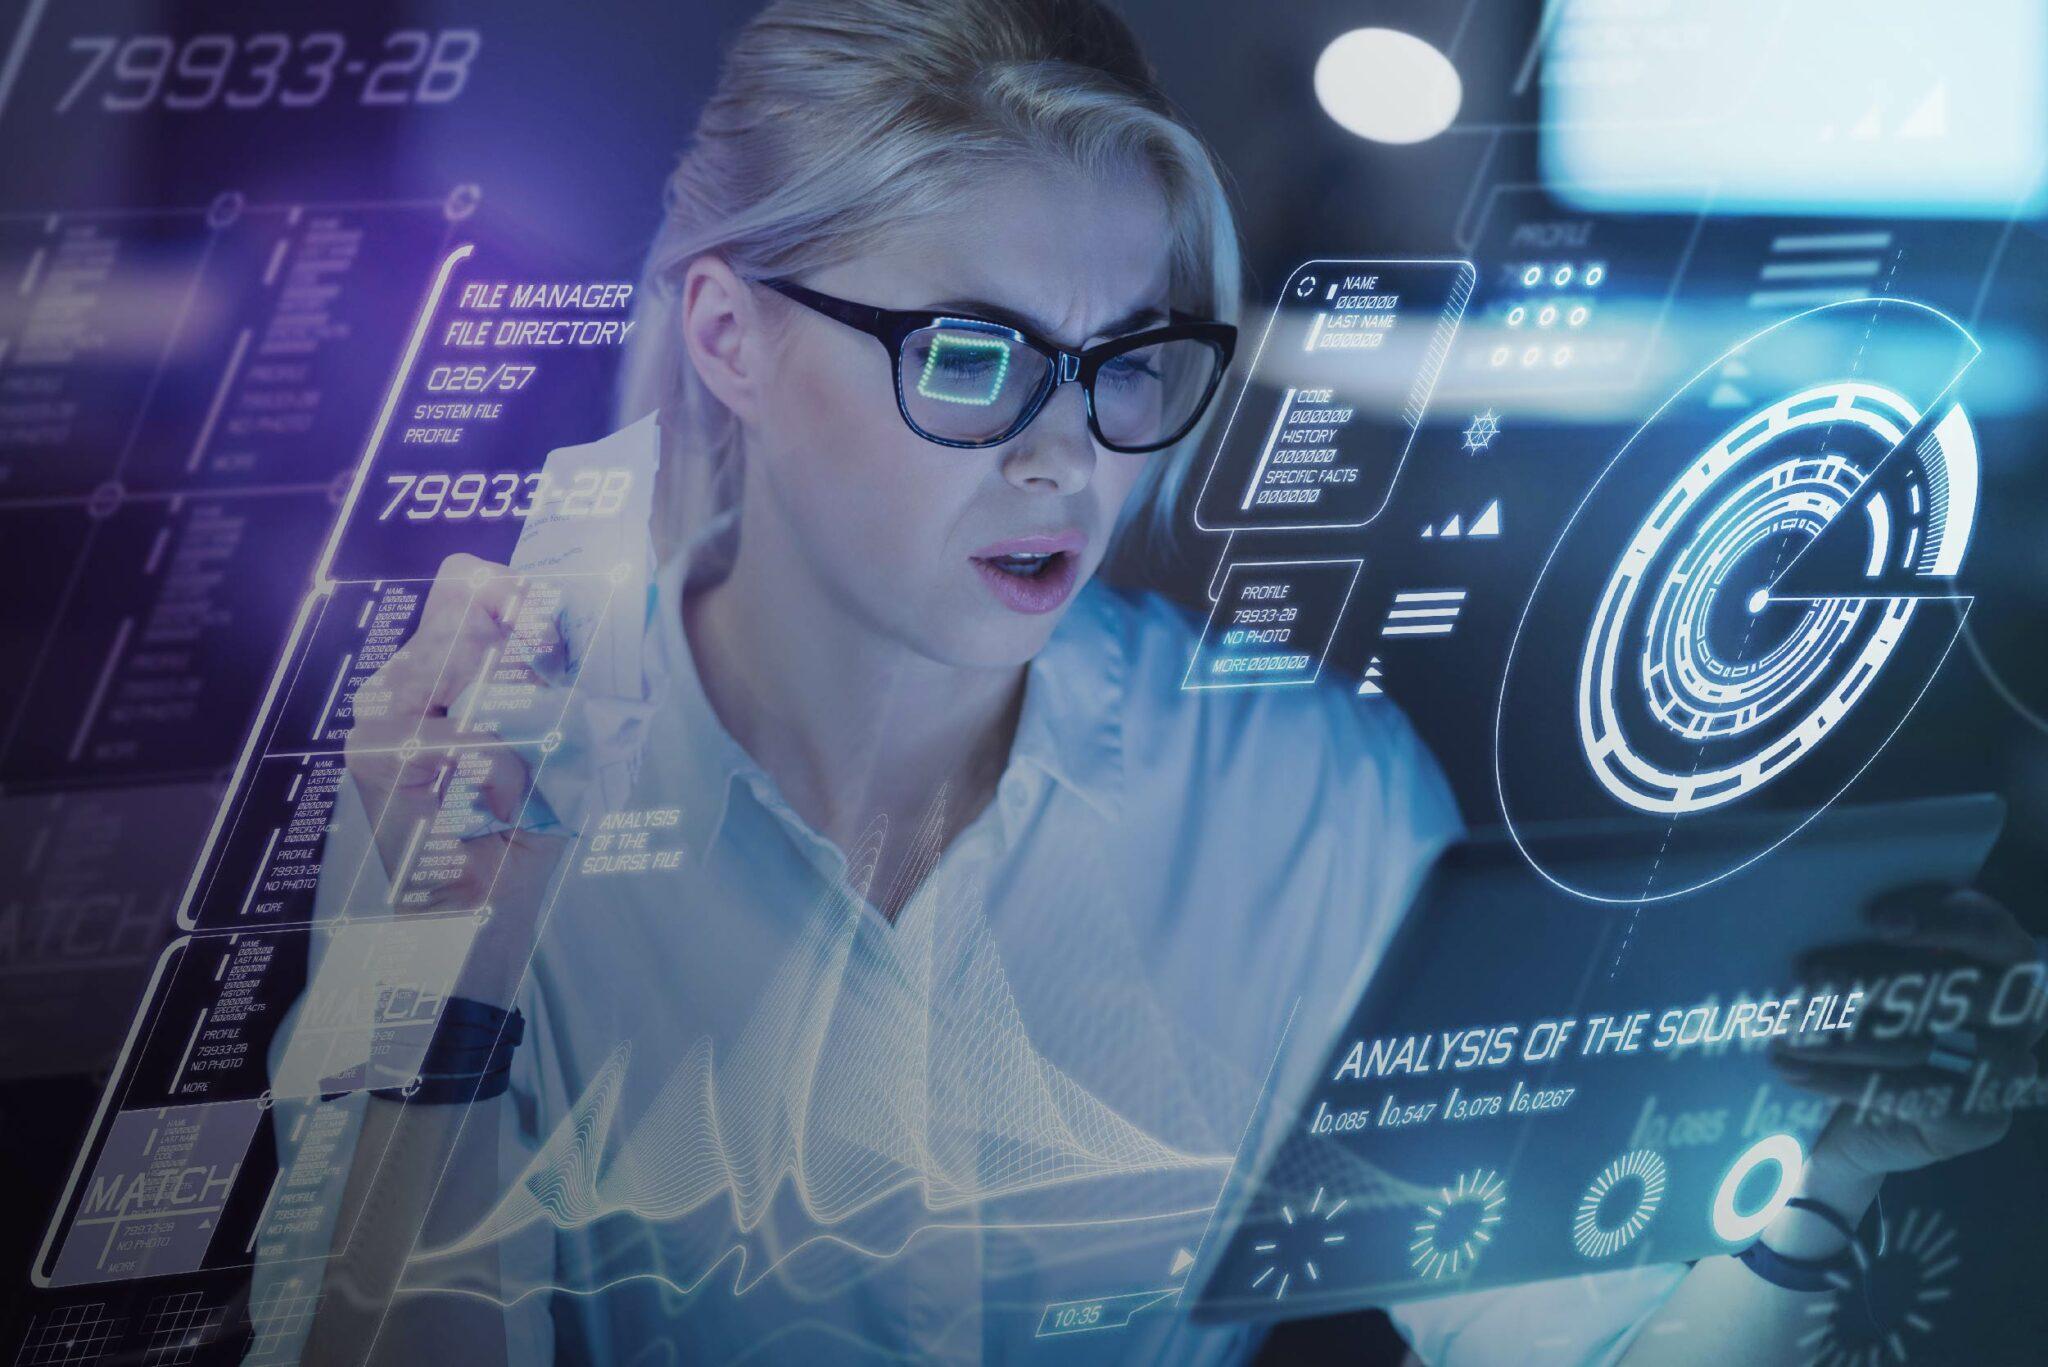 Identificação de fraude: como a tecnologia pode ajudar